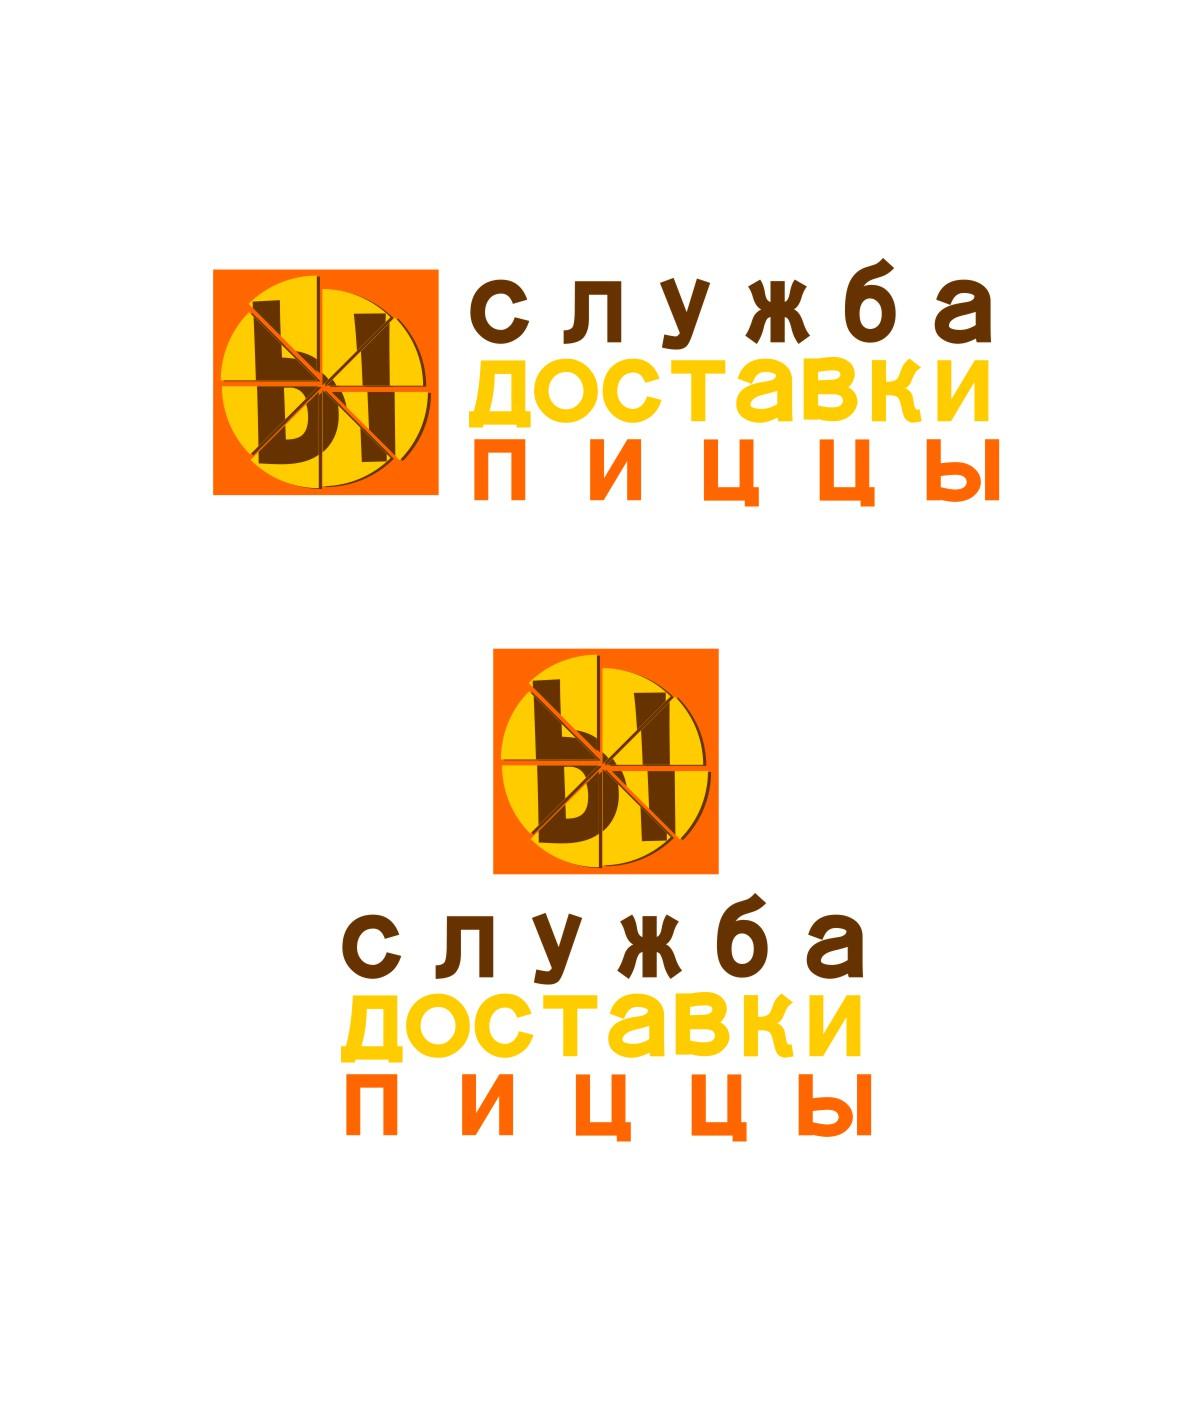 Разыскивается дизайнер для разработки лого службы доставки фото f_6355c348e7aa8ec4.jpg